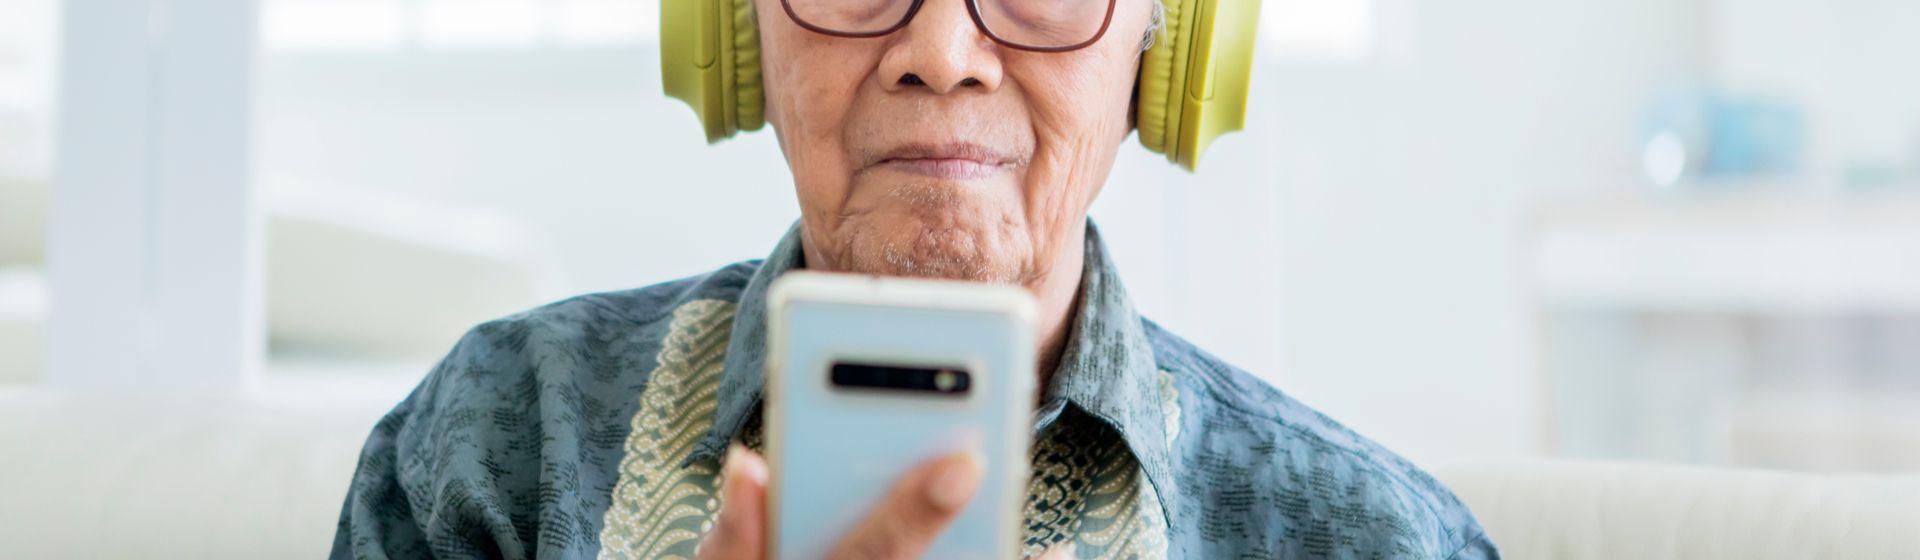 Celular para idoso: 5 modelos para comprar em 2021